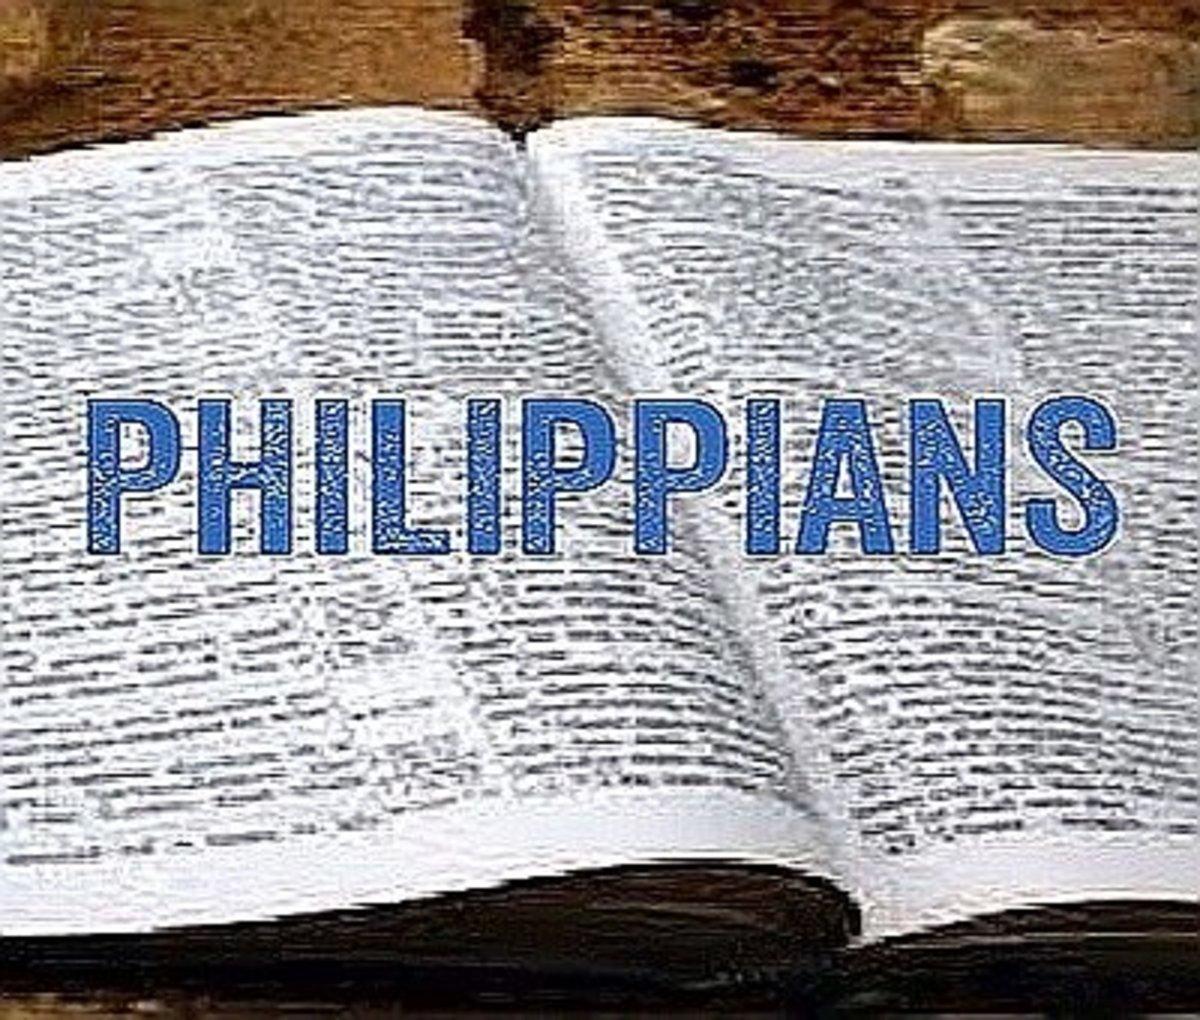 Philippians: Paul's Joy Book